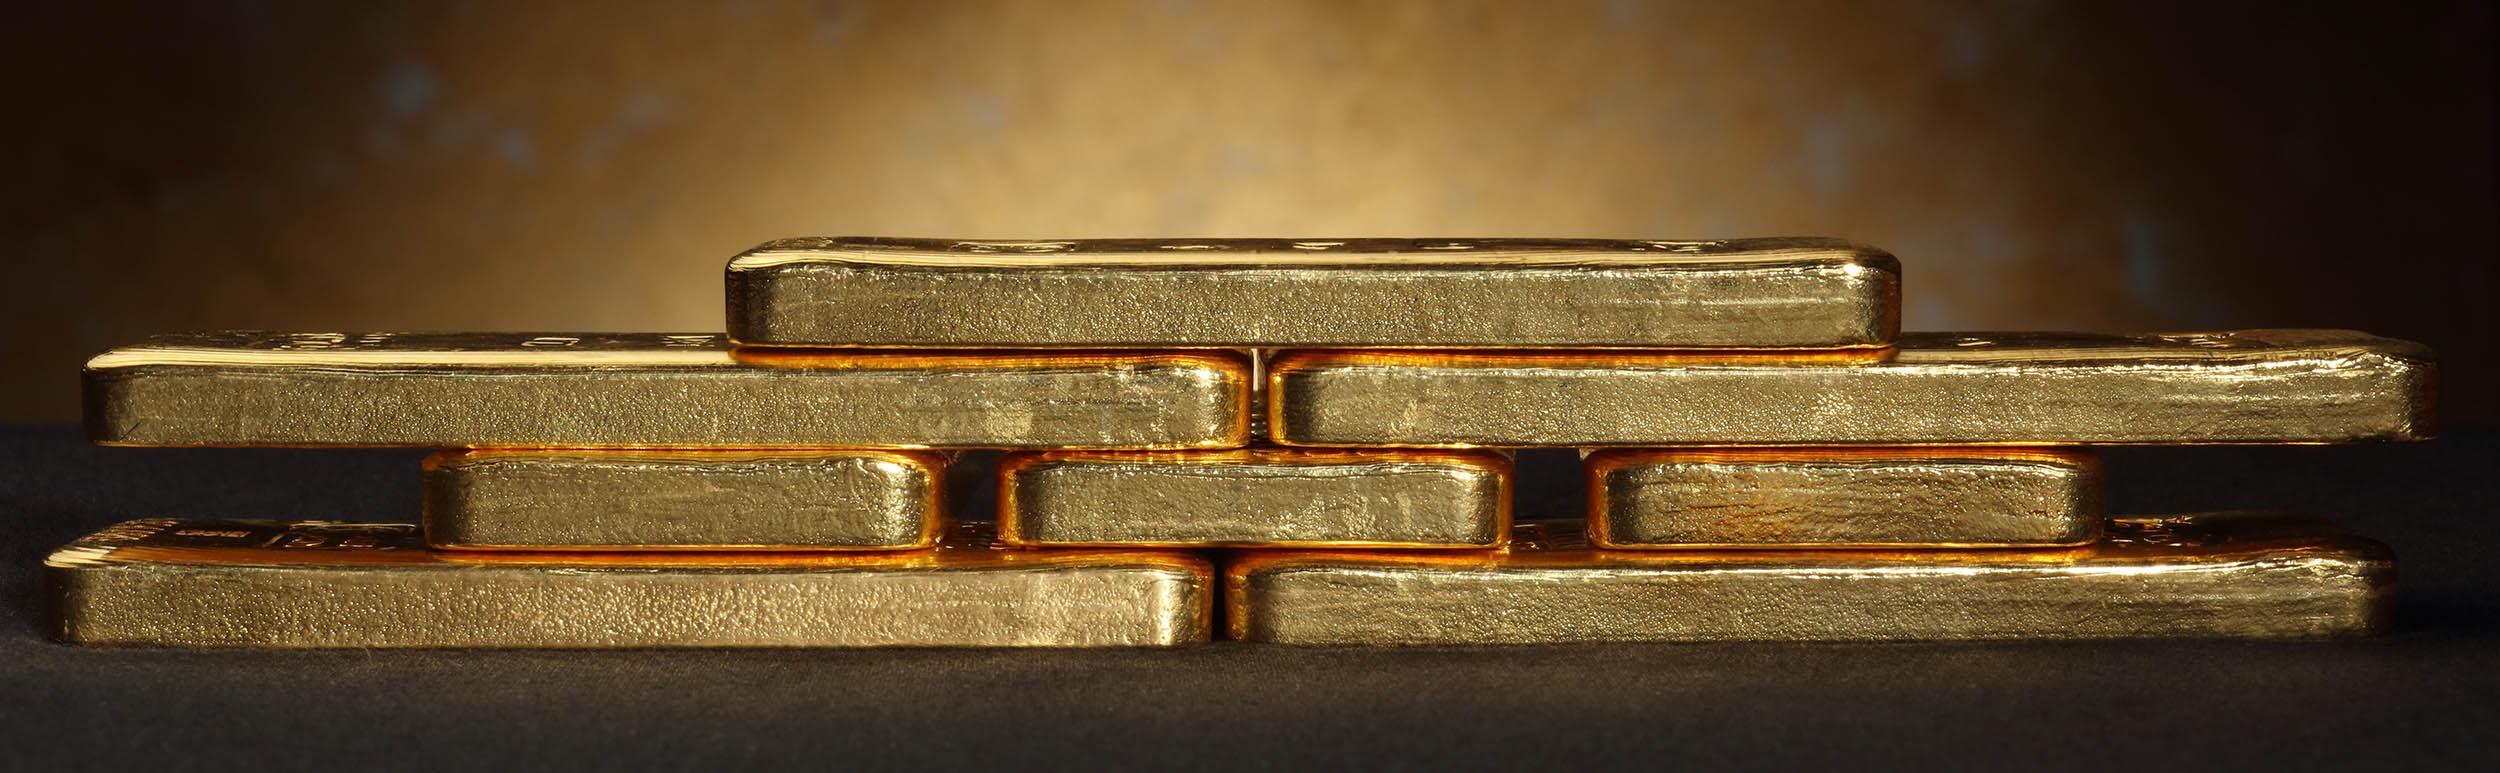 Harem Altın Ürünler Resmi